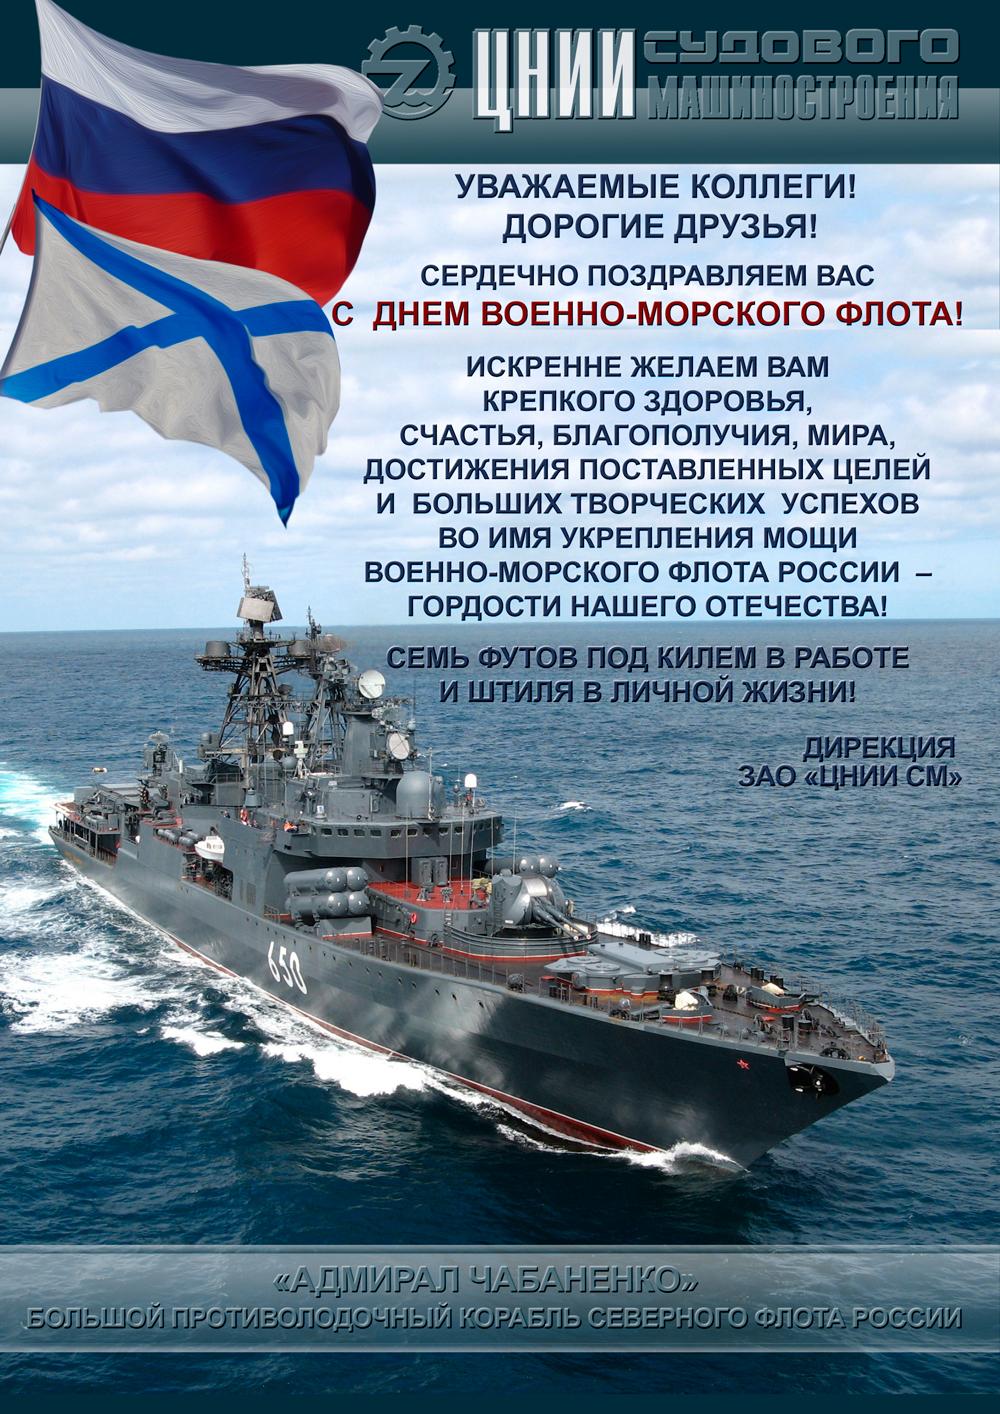 Поздравления с днем моряка смешные